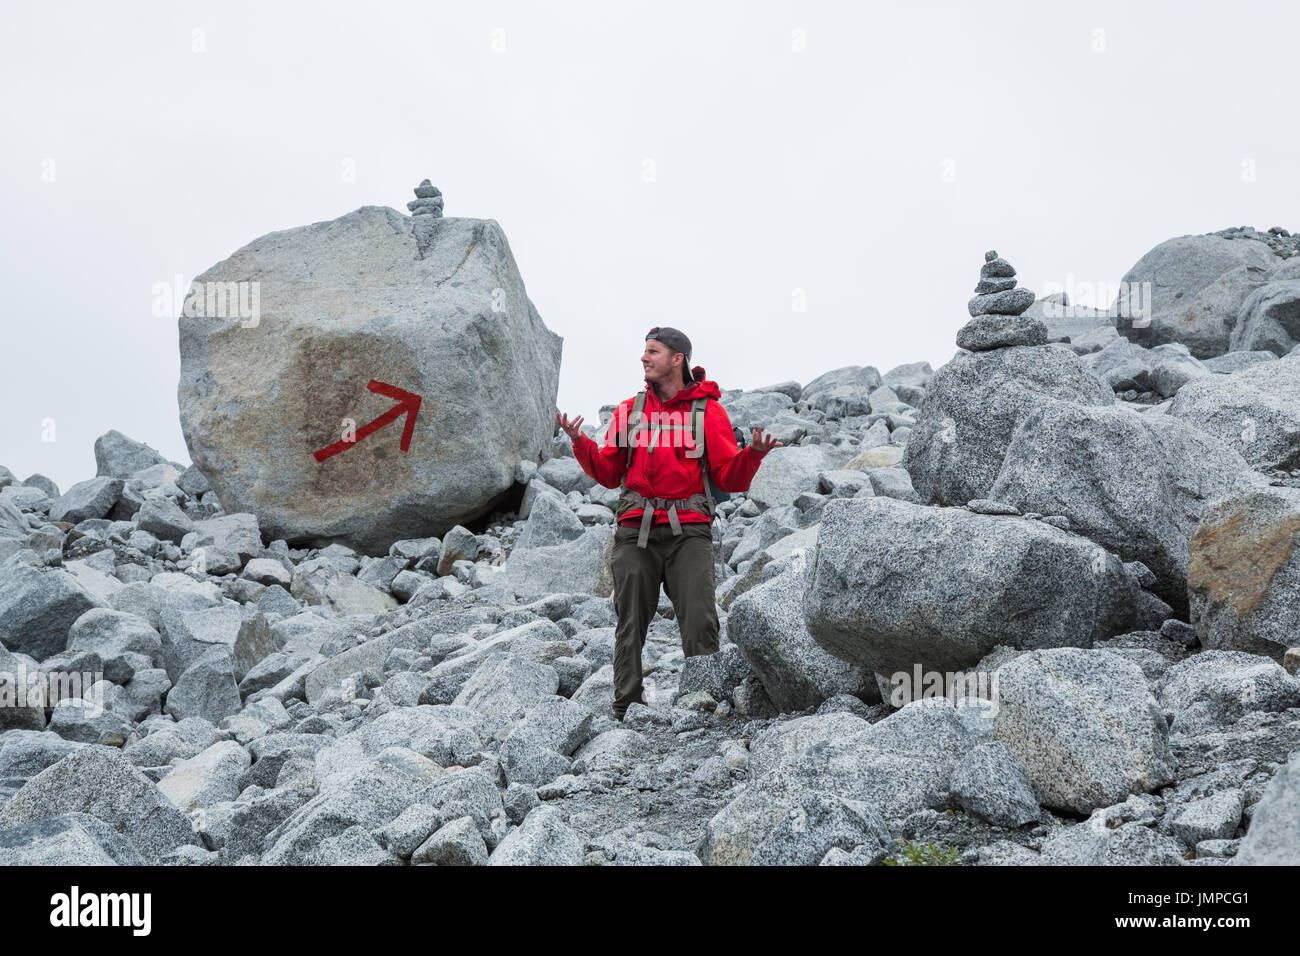 Le sentier est marqué par deux grands cairns et une flèche rouge géant peint sur un rocher, mais cet homme semble être perdu. Gris, nuageux ciel Photo Stock